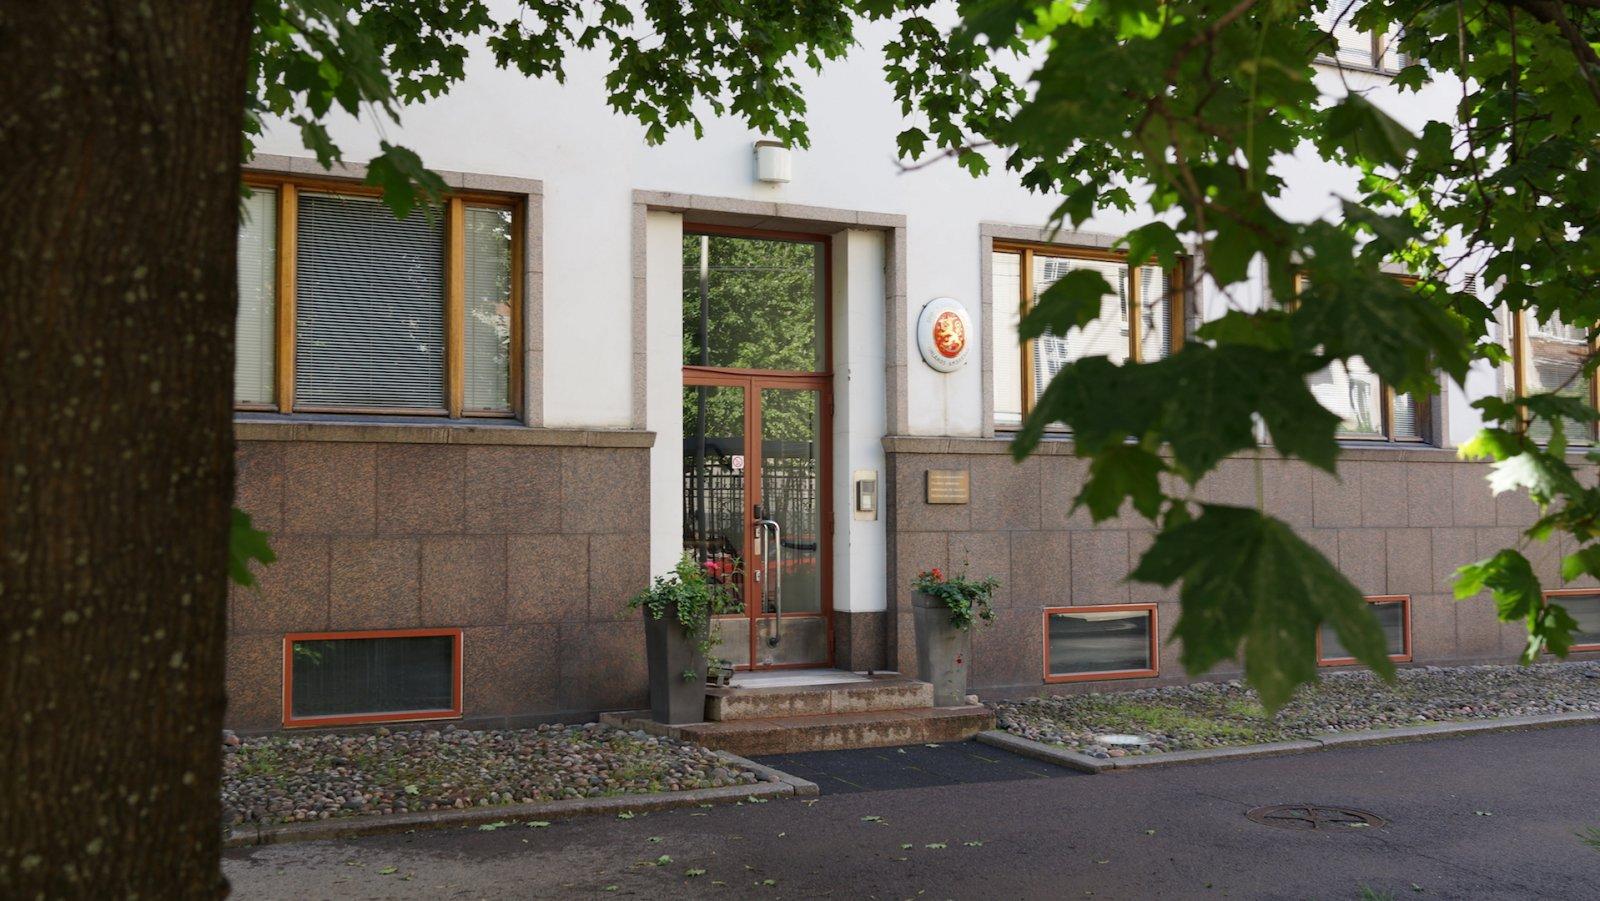 Посольство Финляндии, Москва, Кропоткинский пер., 15-17с1, 23.07.2017 г.JPG